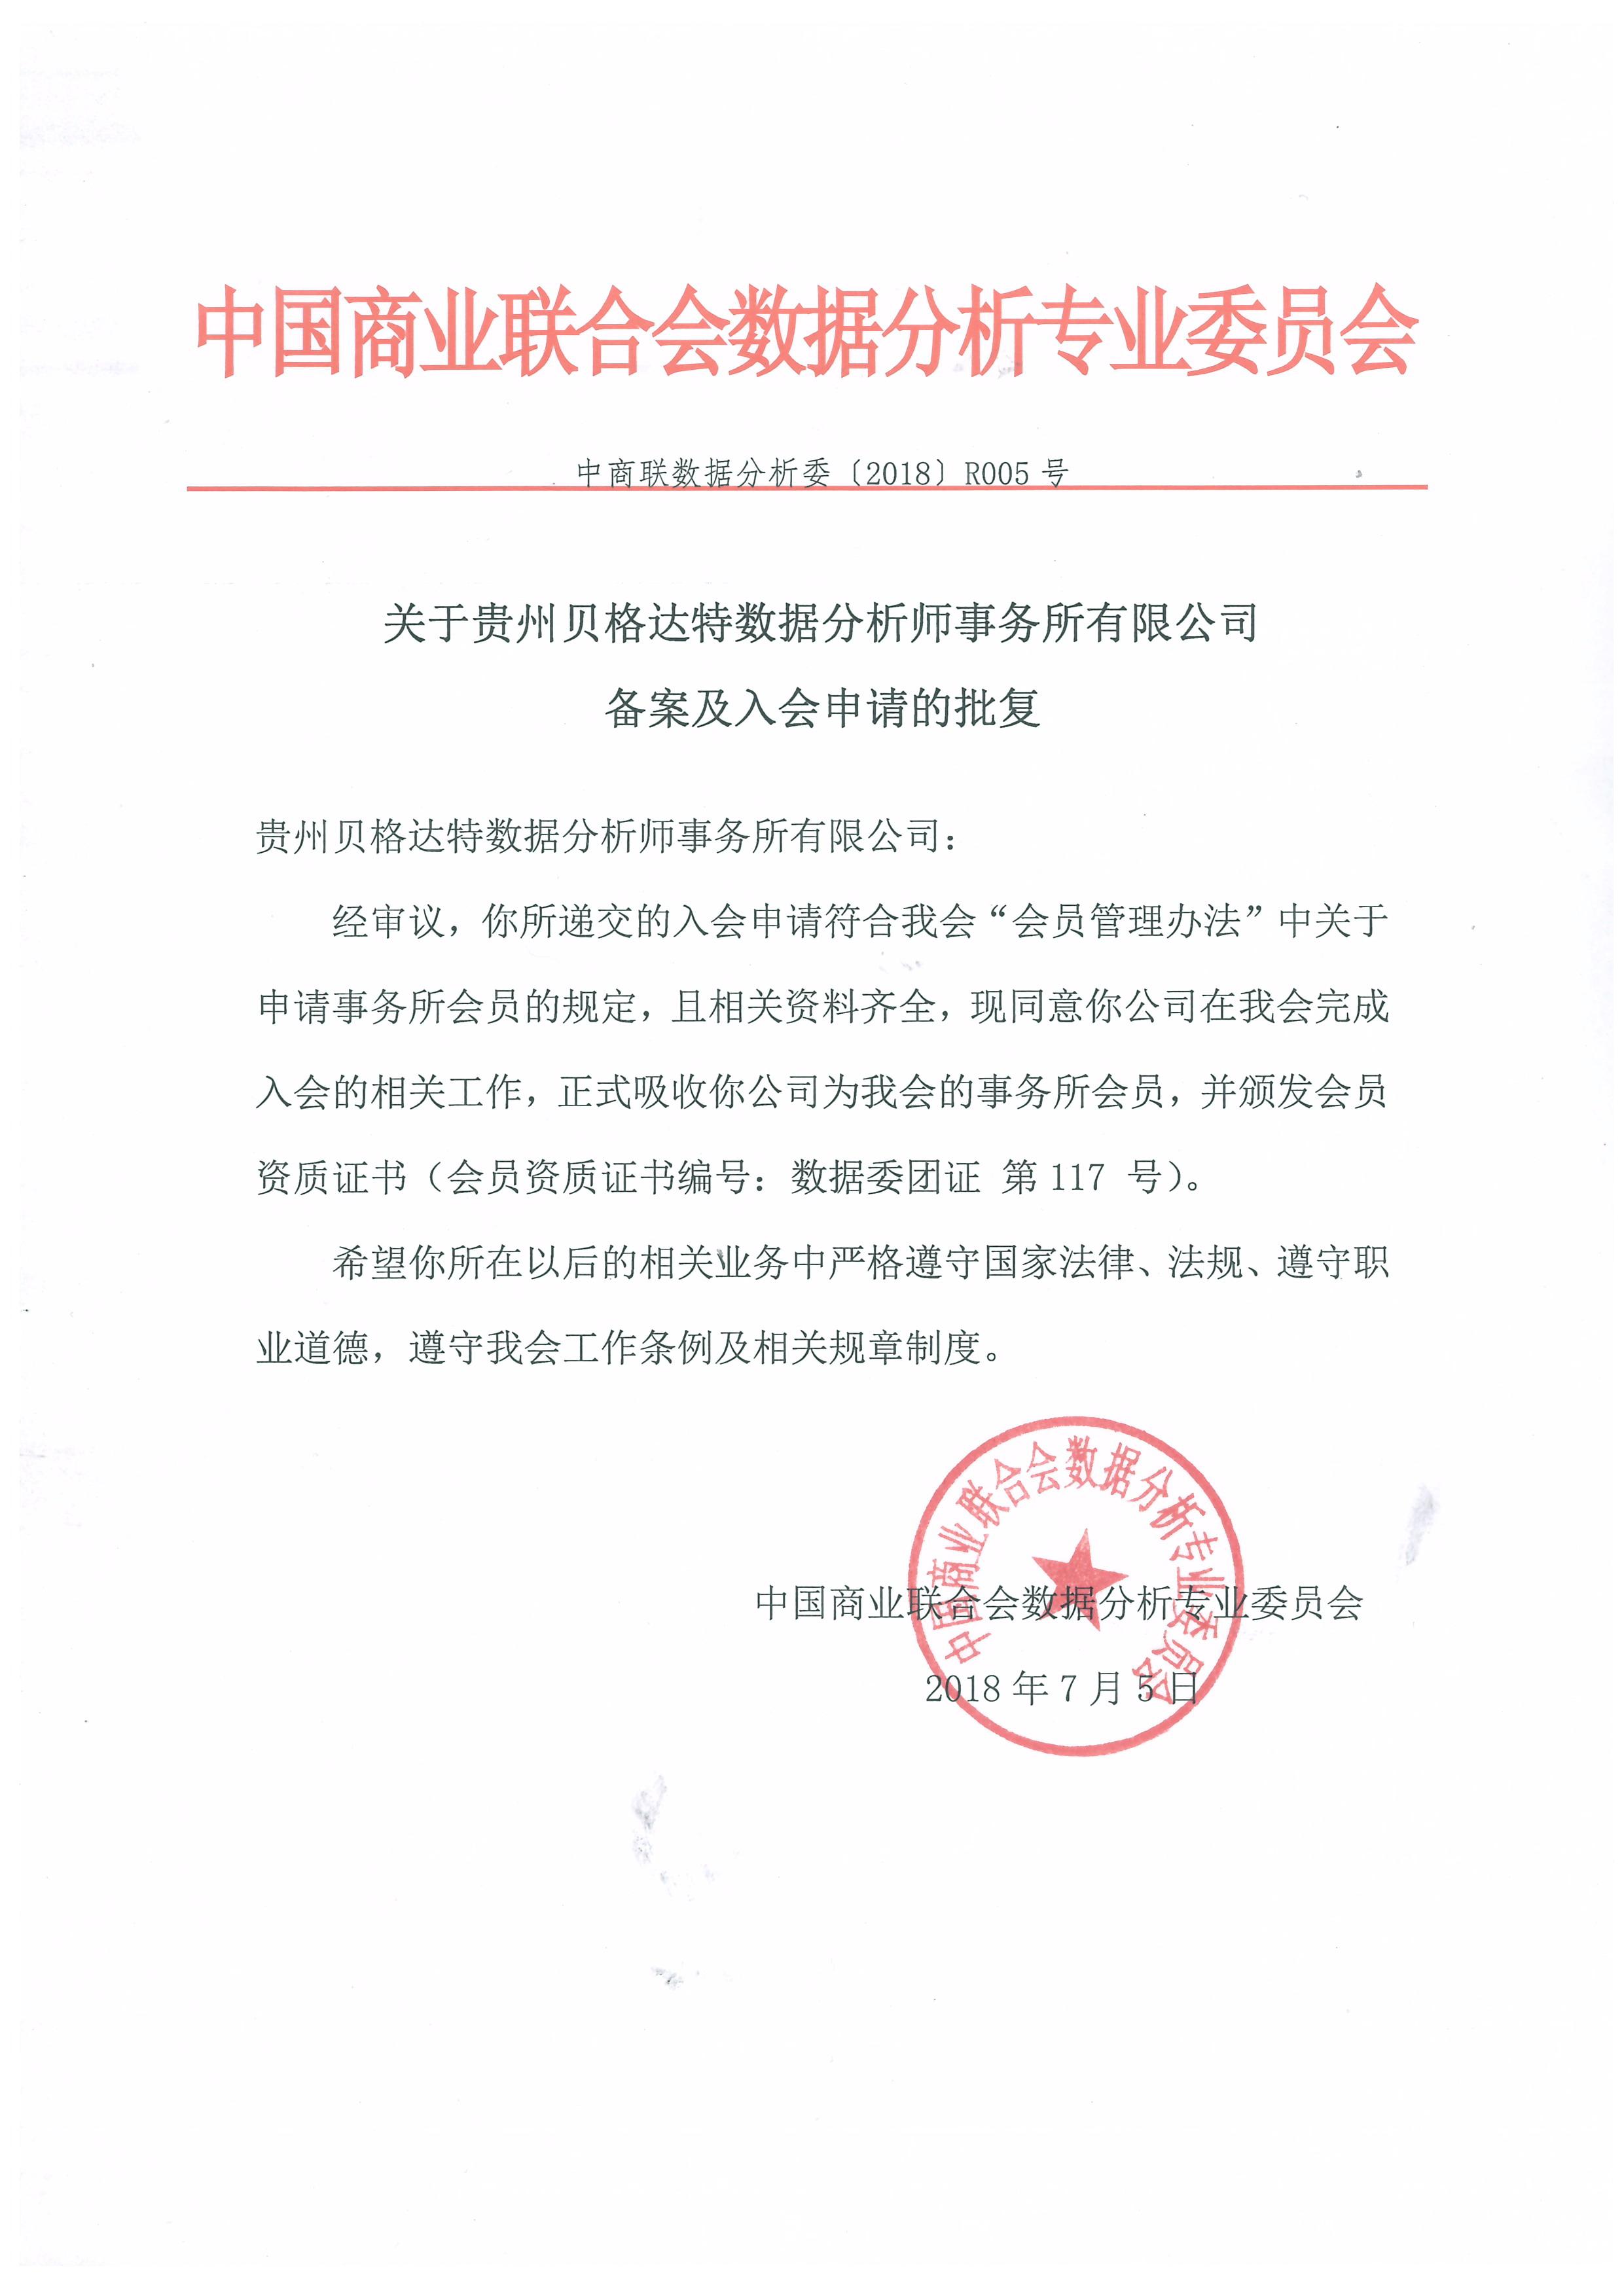 关于贵州贝格达特数据分析师事务所有限公司备案及入会申请的批复